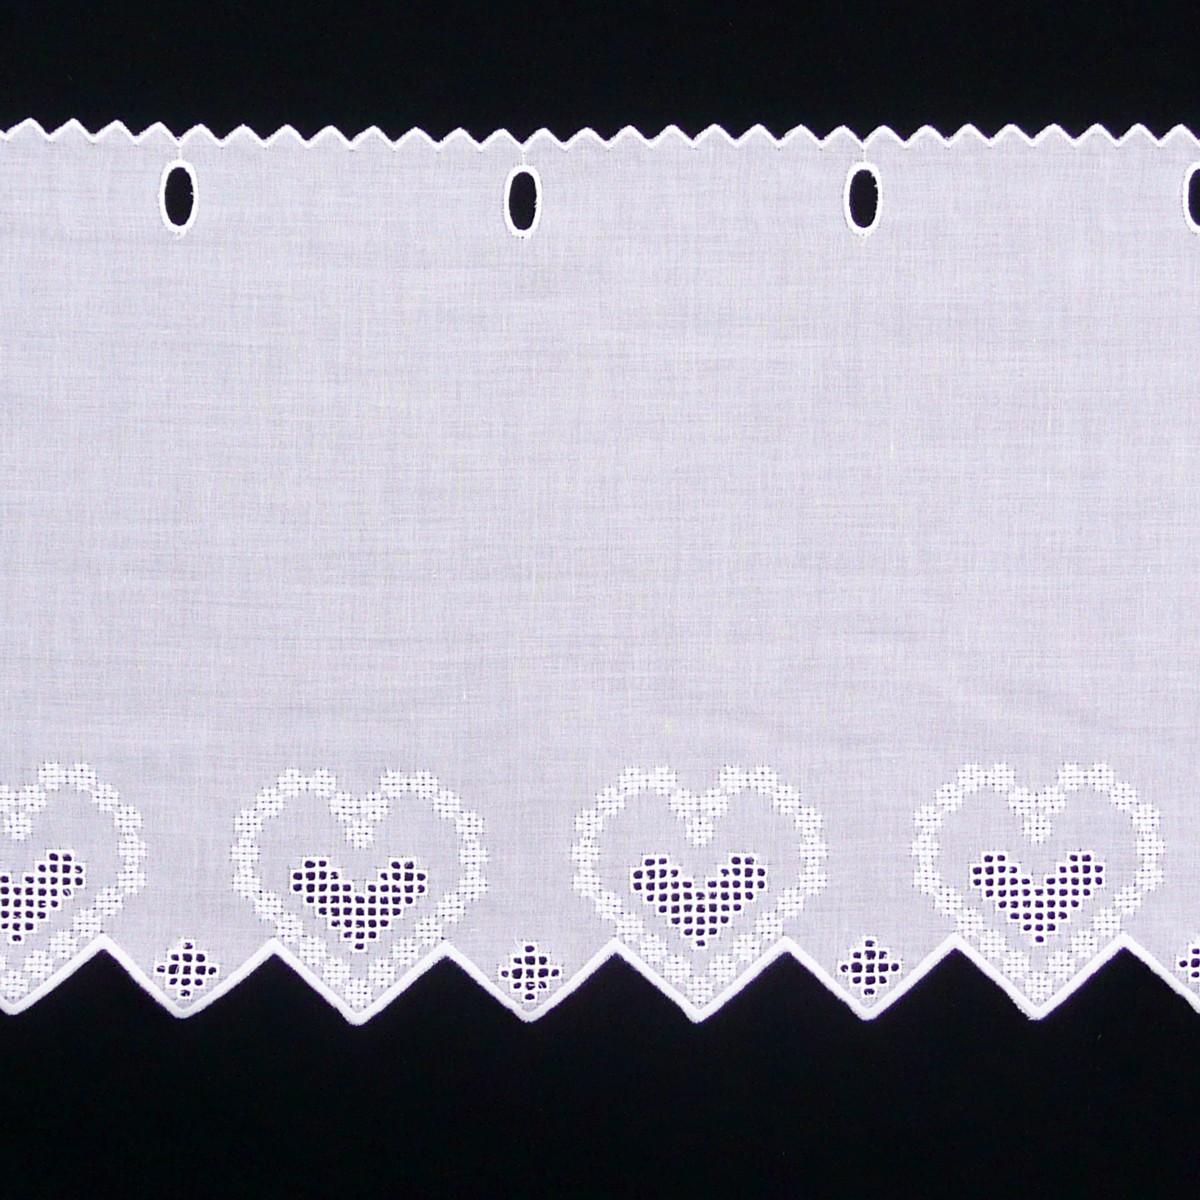 Scheibengardine Baumwolle Scheibengardine Baumwolle And: Scheibengardine Batist Mit Stickerei Weiß 27cm Hoch